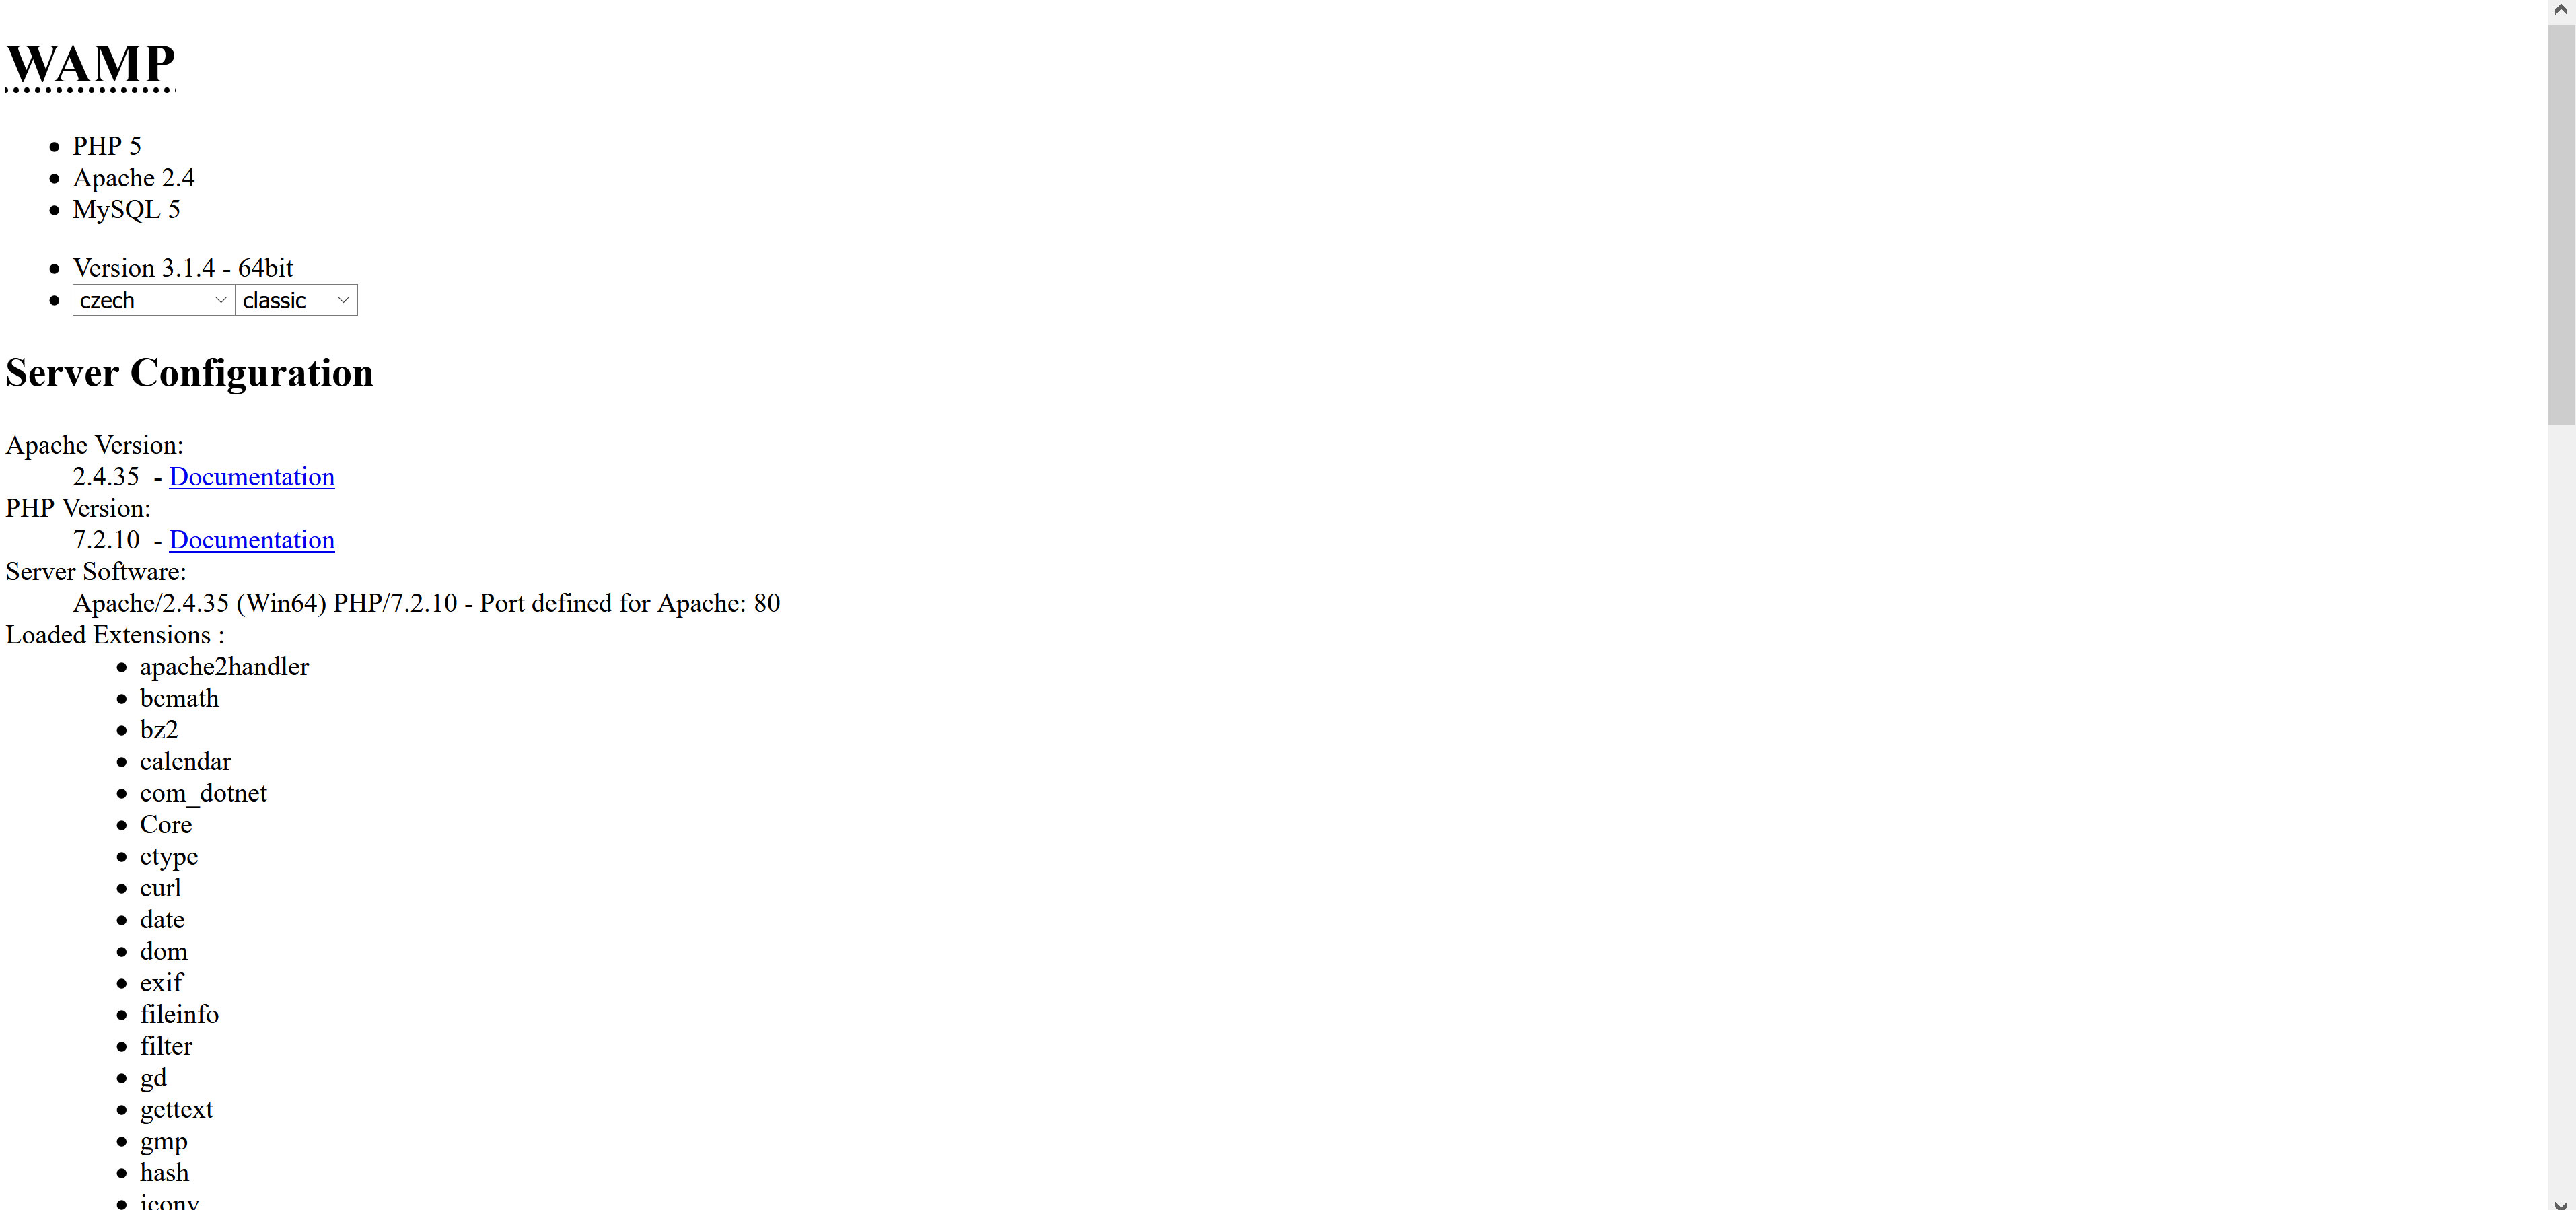 wamp-no-pagine-interne-sito-locale.jpg